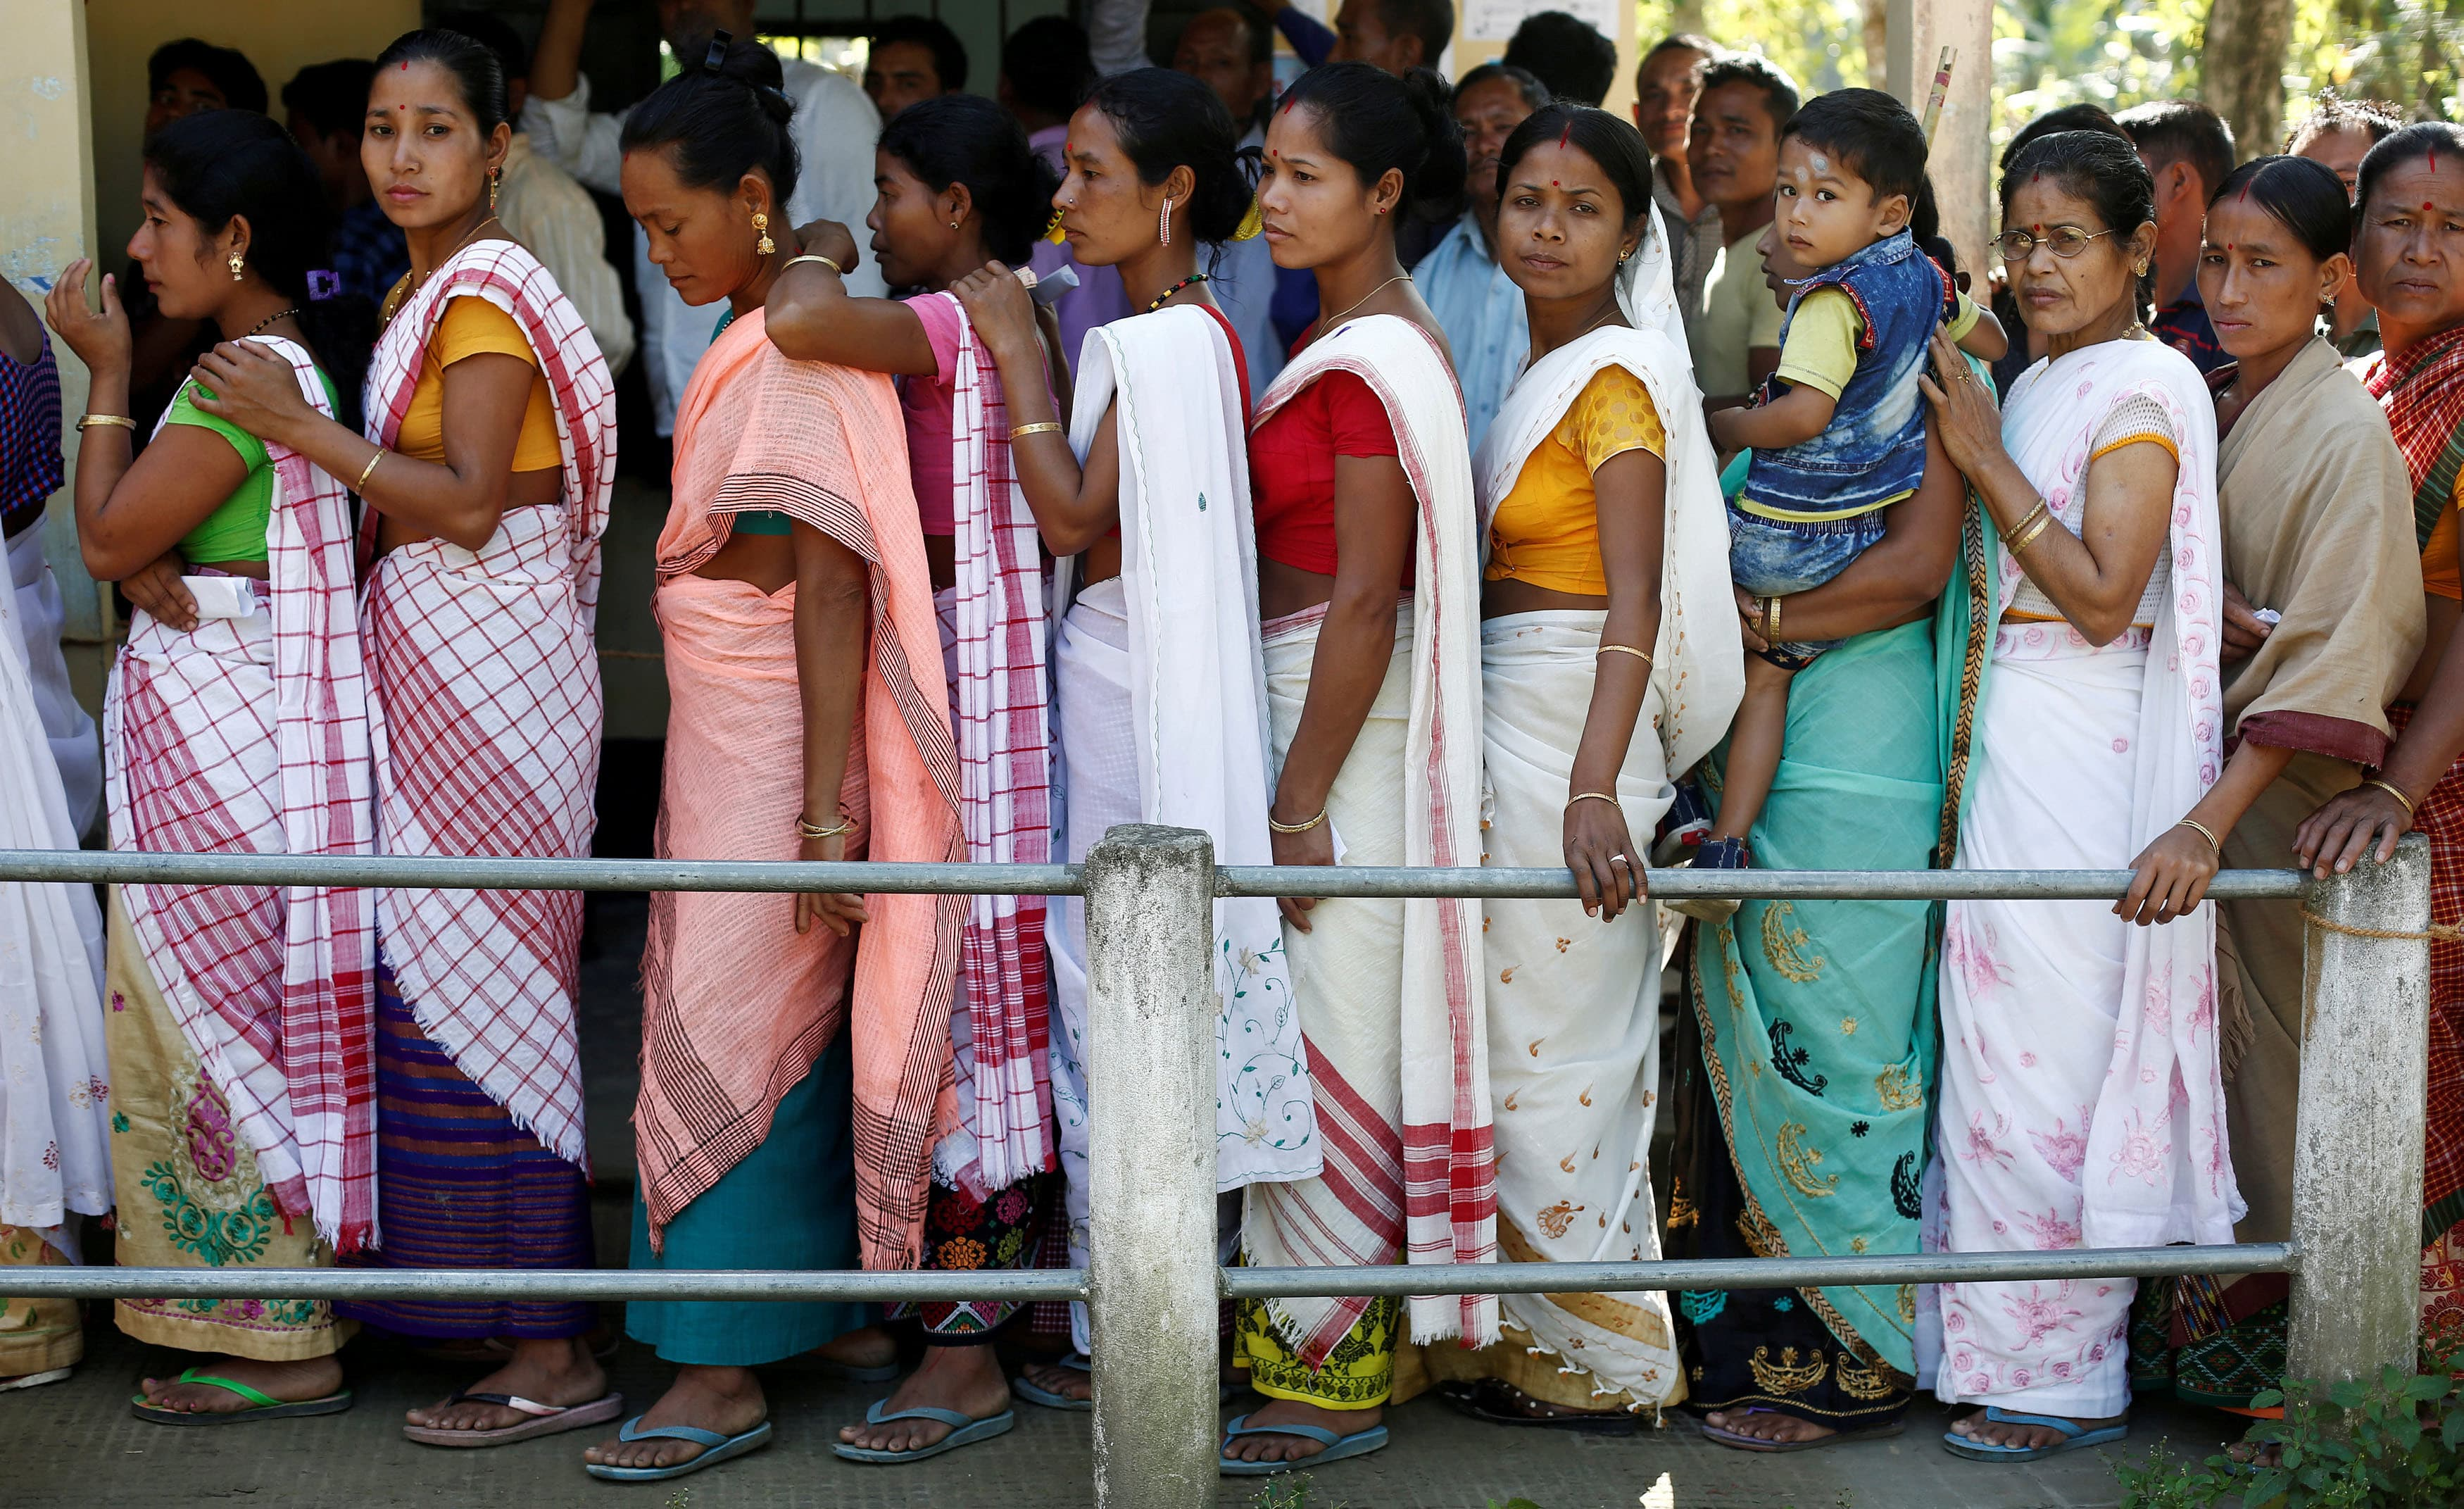 آسام میں موجود پولنگ اسٹیشن پر خواتین قطار بنائے اپنی باری کا انتظار کررہی ہیں —فوٹو/ رائٹرز